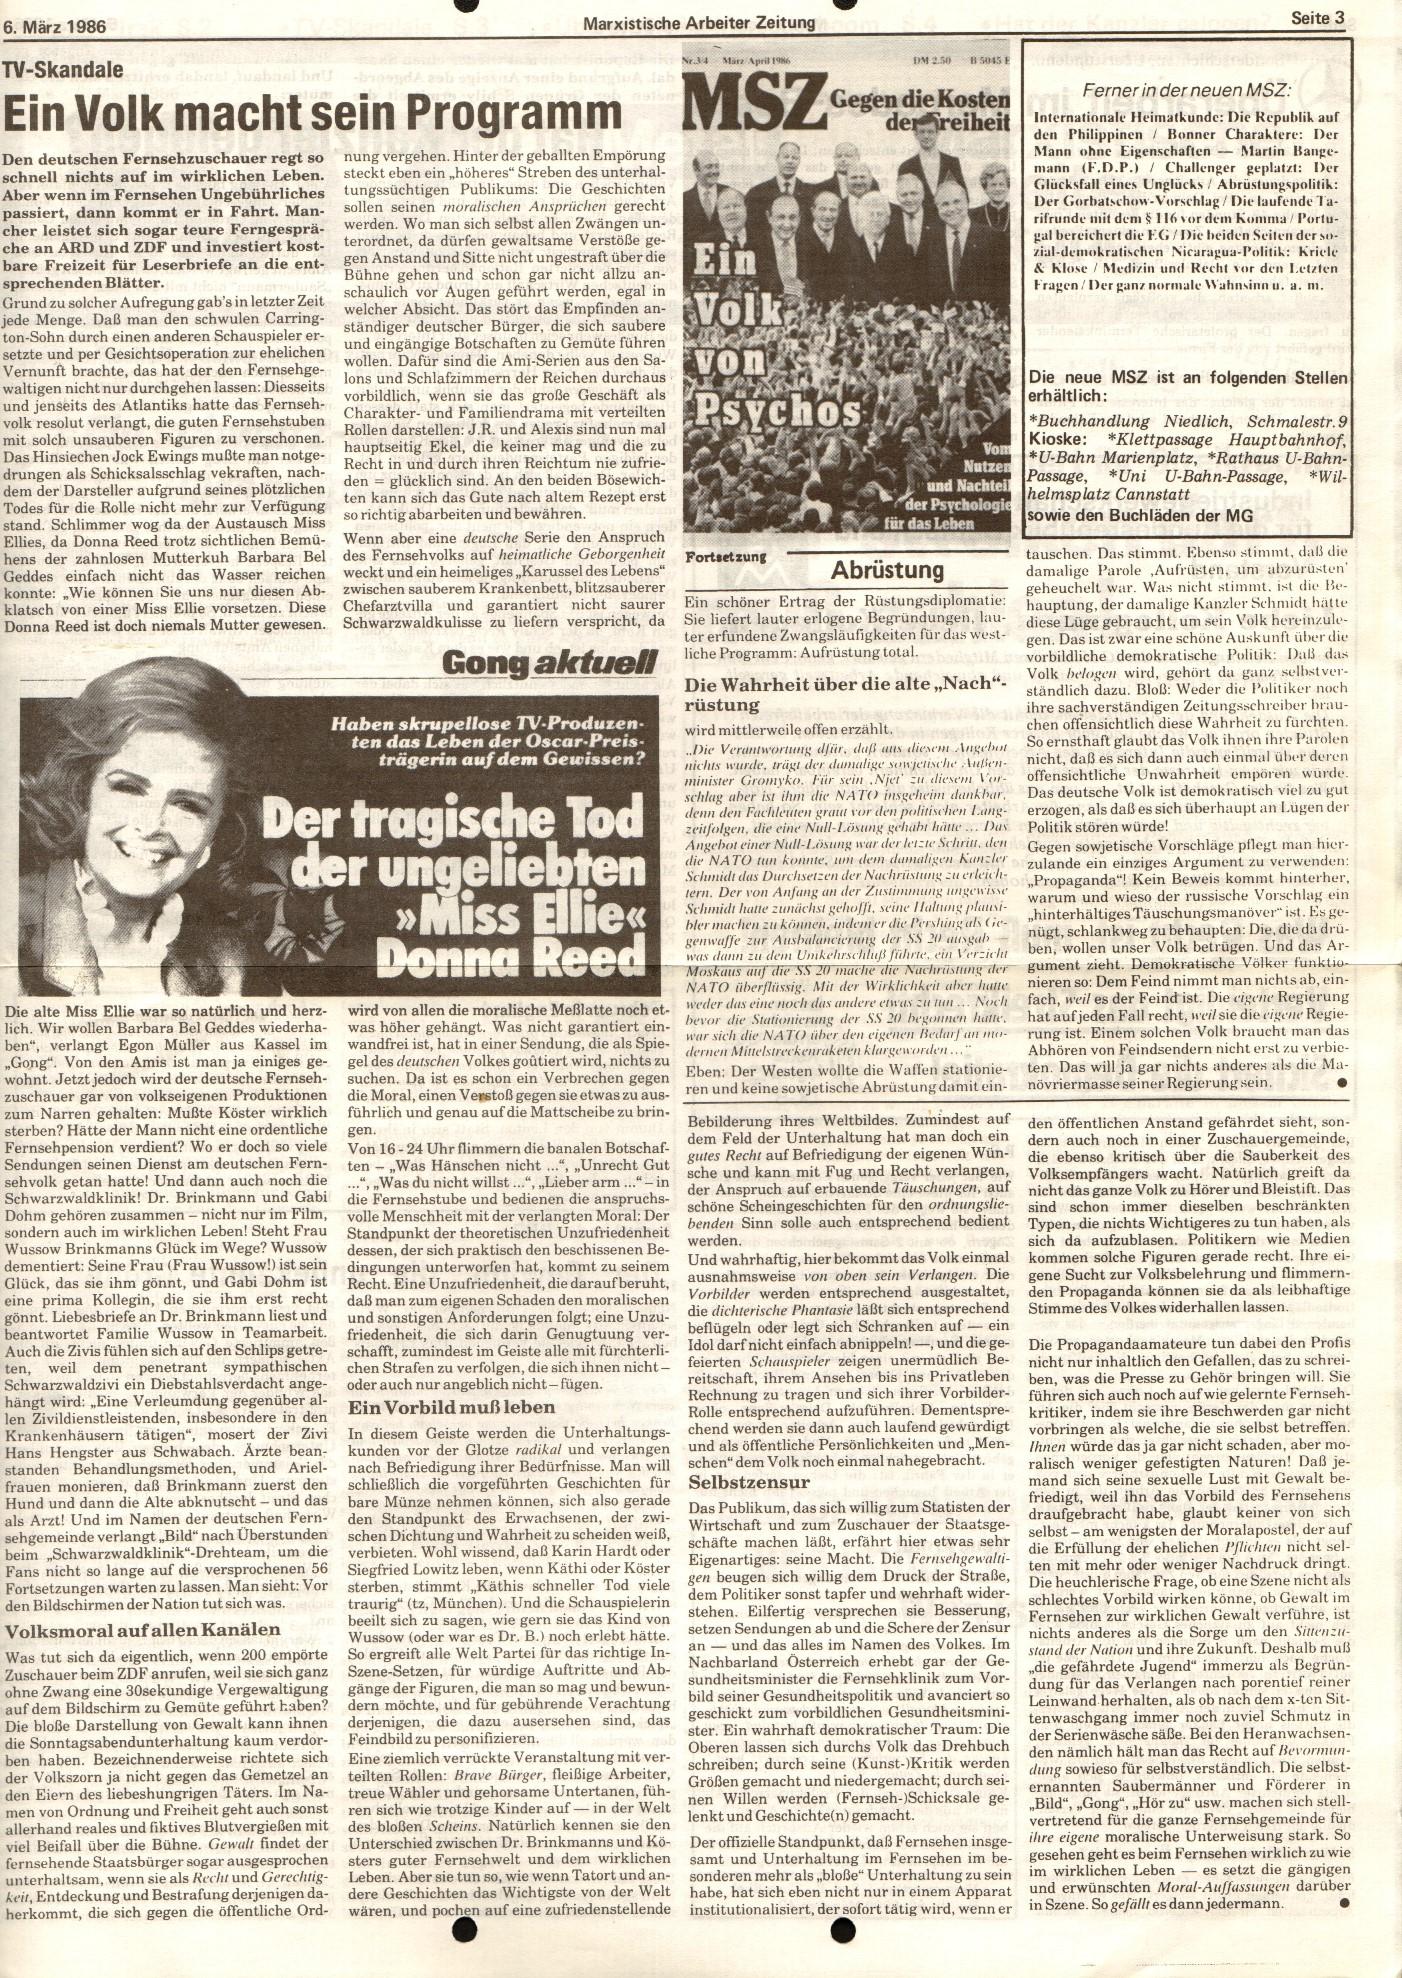 BW_MG_Marxistische_Arbeiterzeitung_19860306_03